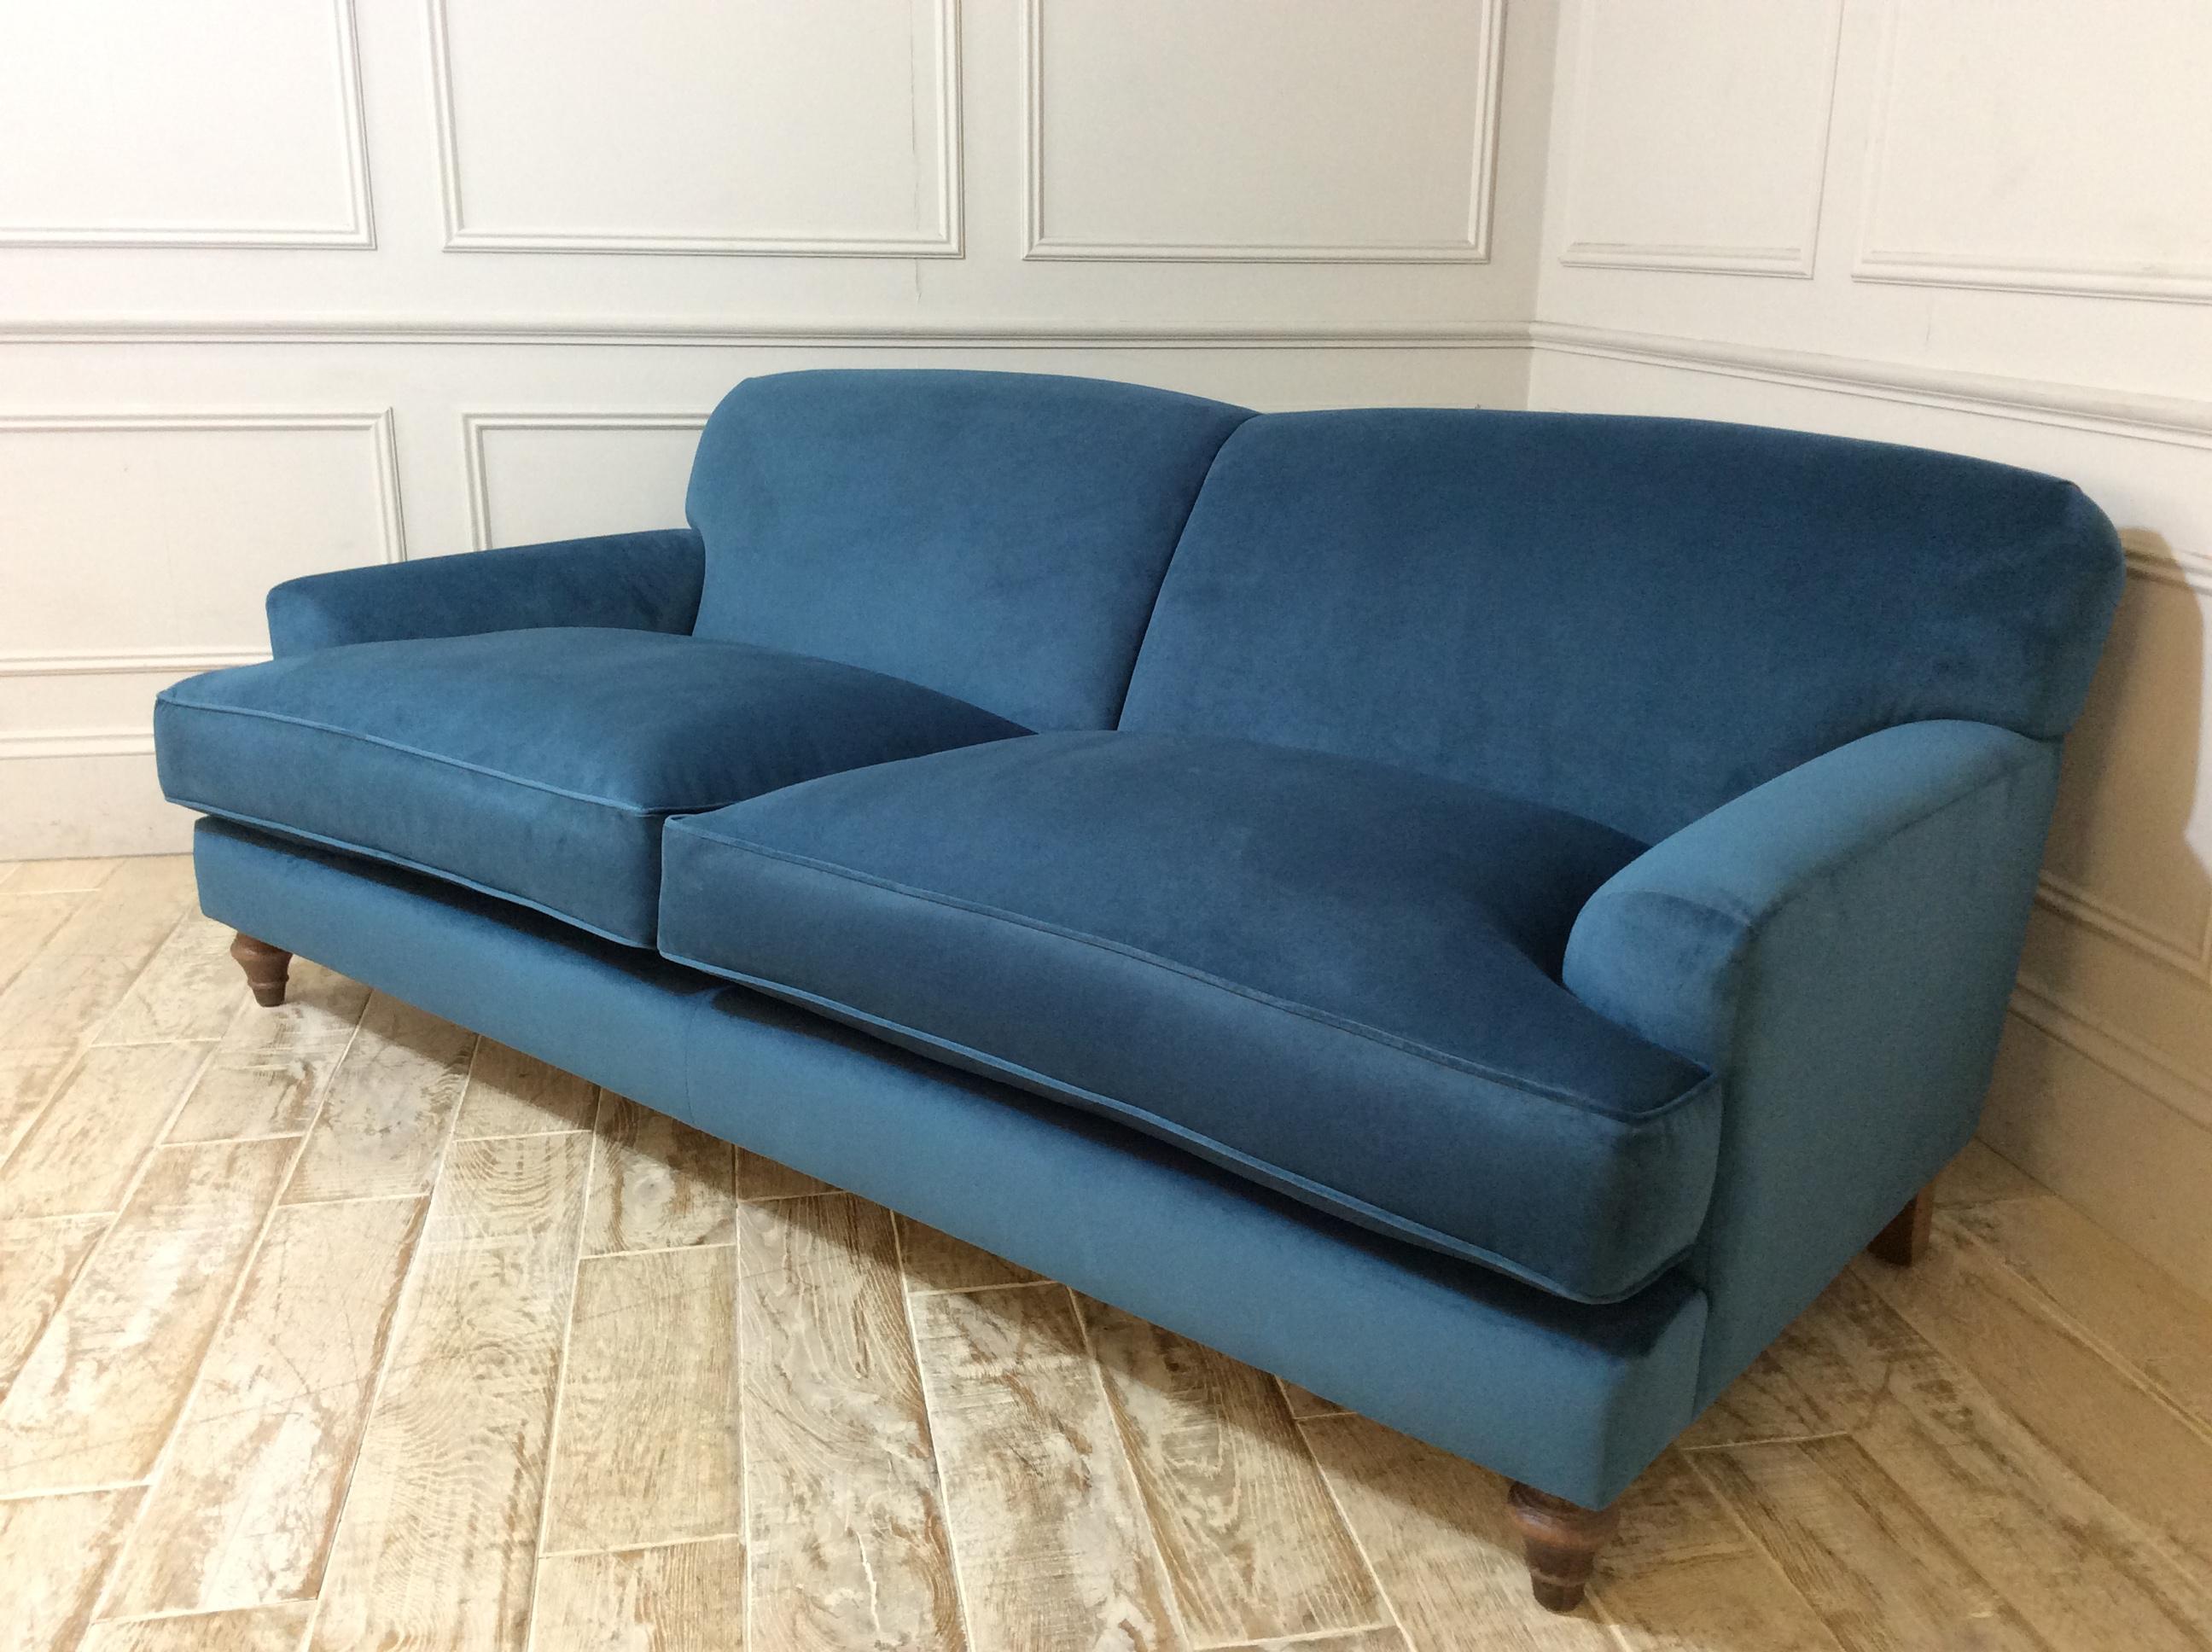 Galloway Large Sofa in Stain Resistant Moleskin Velvet Cobalt